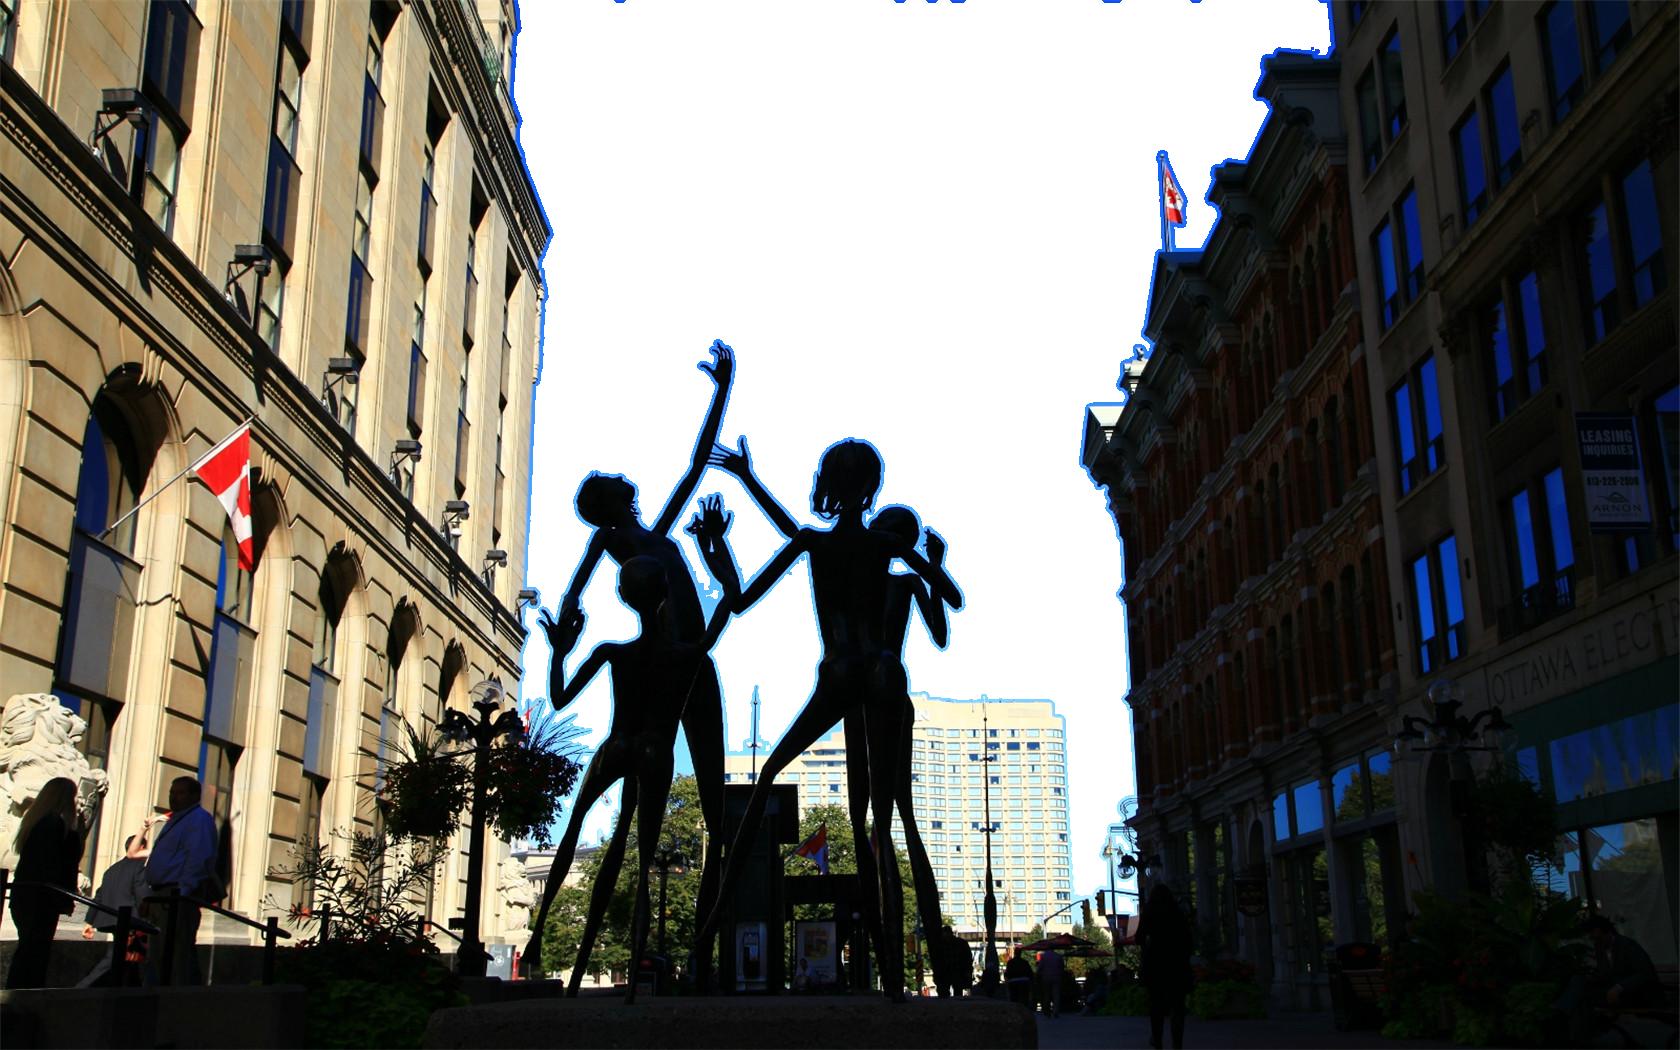 Sculpture in-between Buildings in Canada